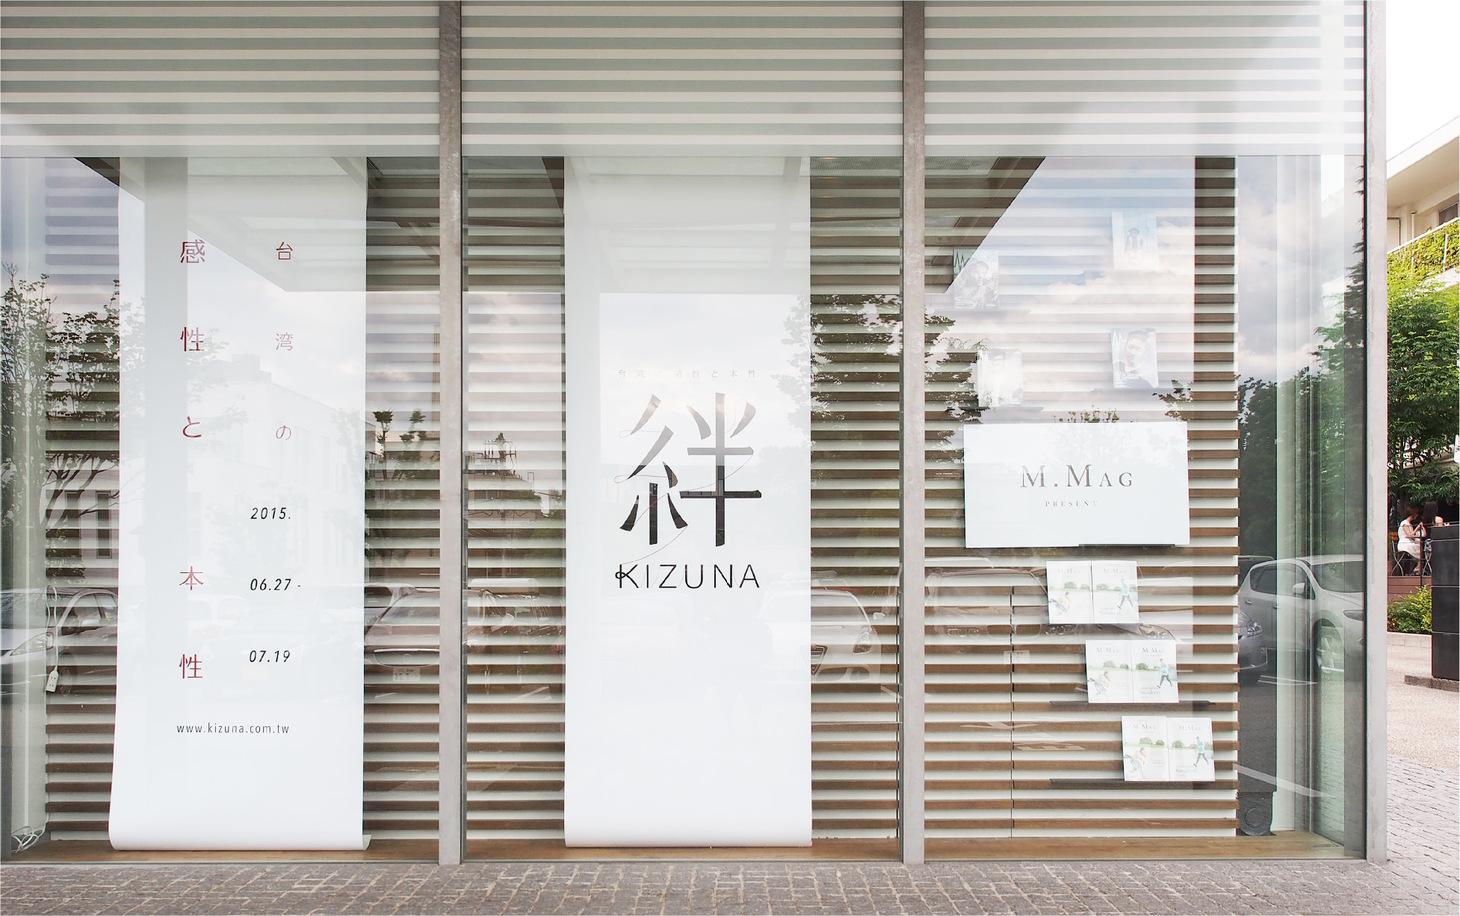 kizuna_02.jpg